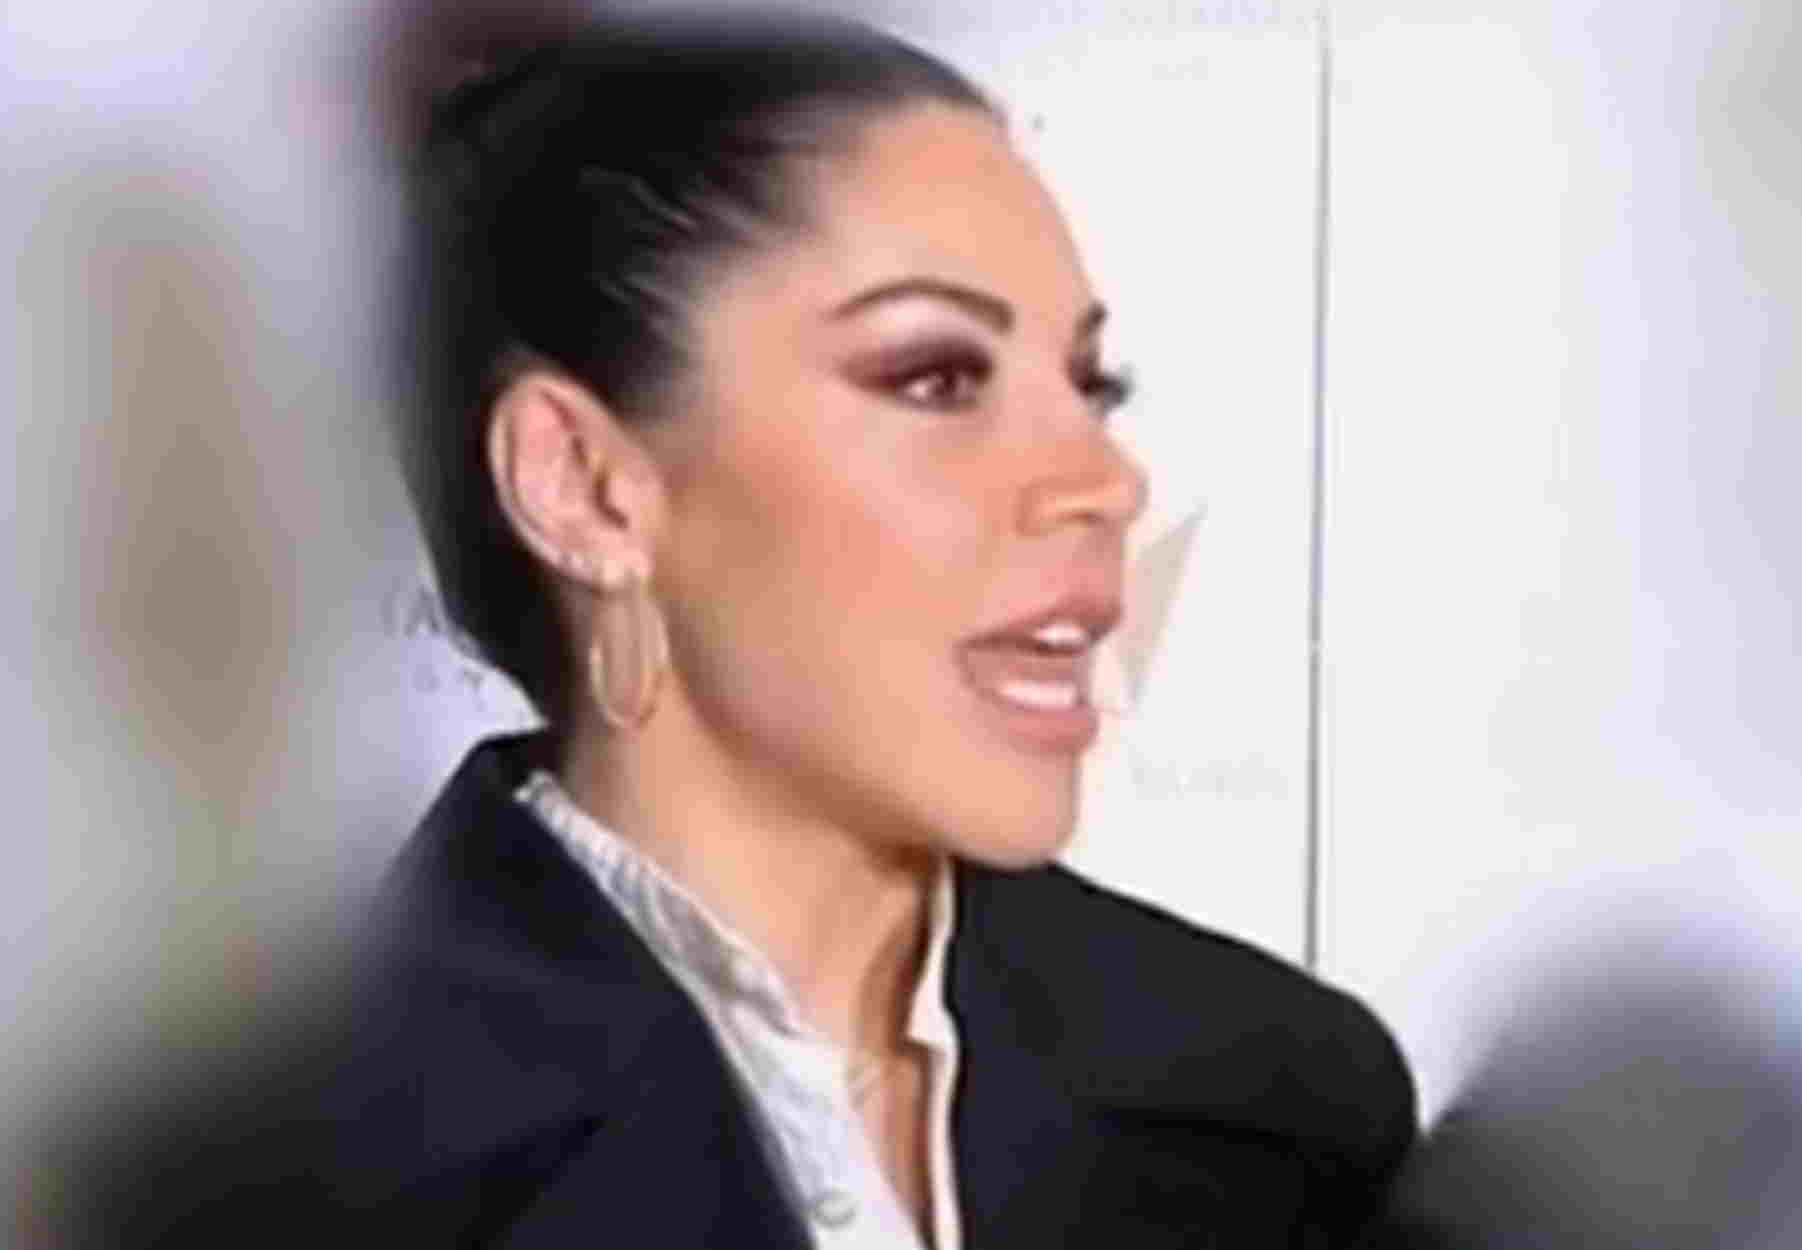 Μαριάντα Πιερίδη: Έχει μυήσει την Ελένη Μενεγάκη στη γιόγκα;